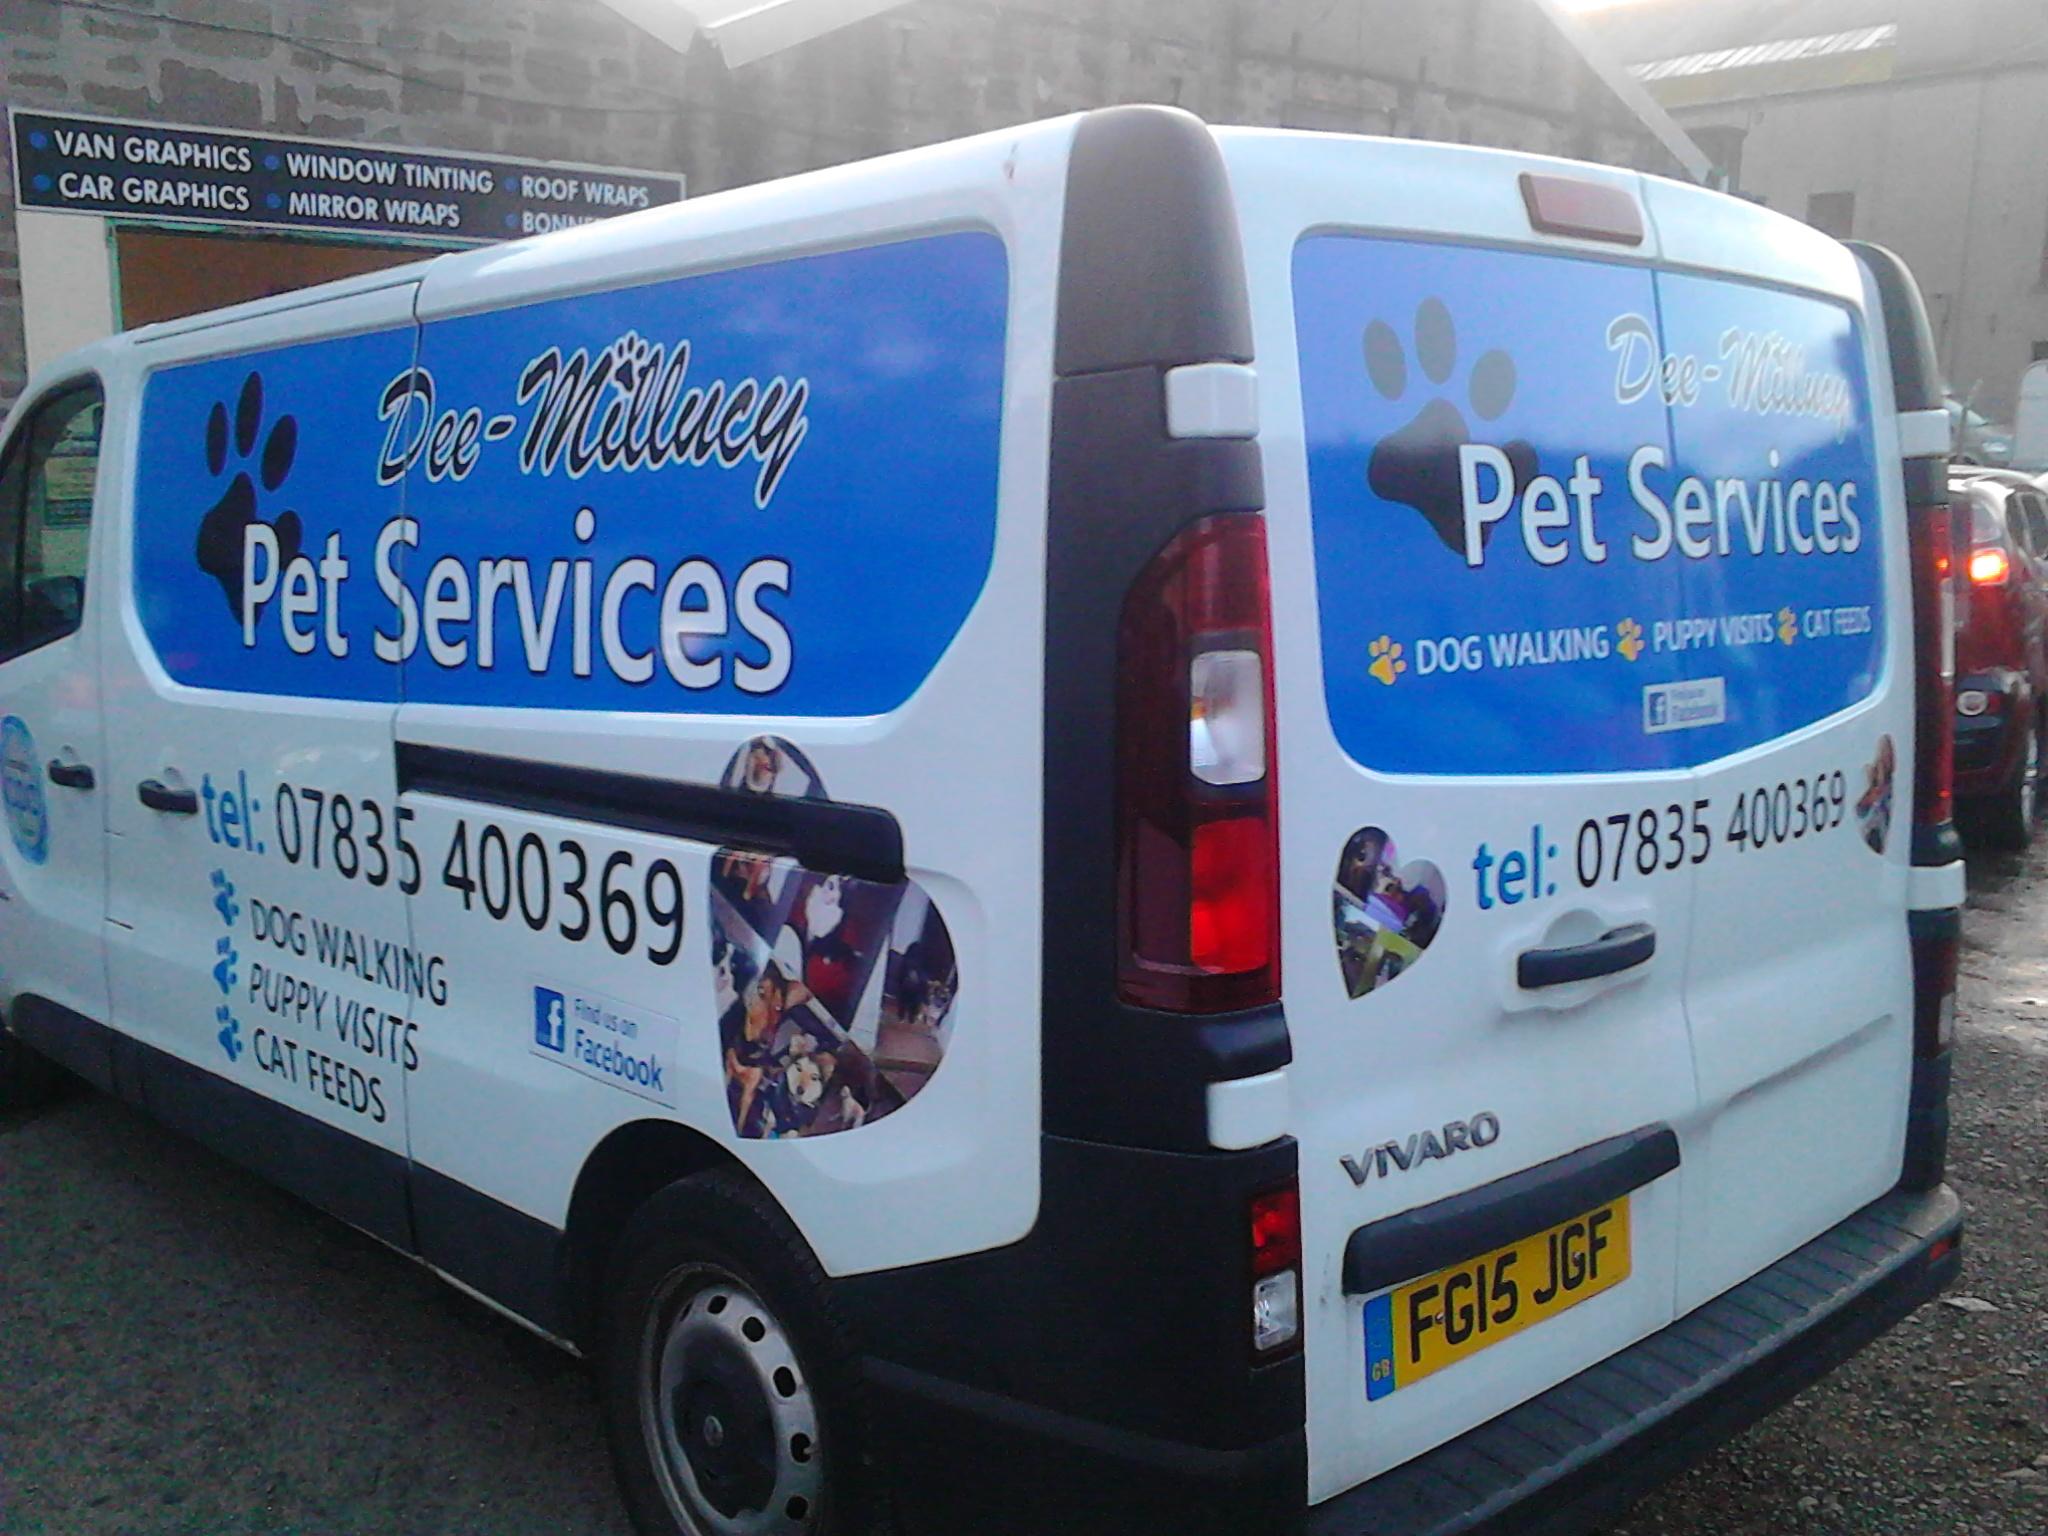 Dee Pet Services